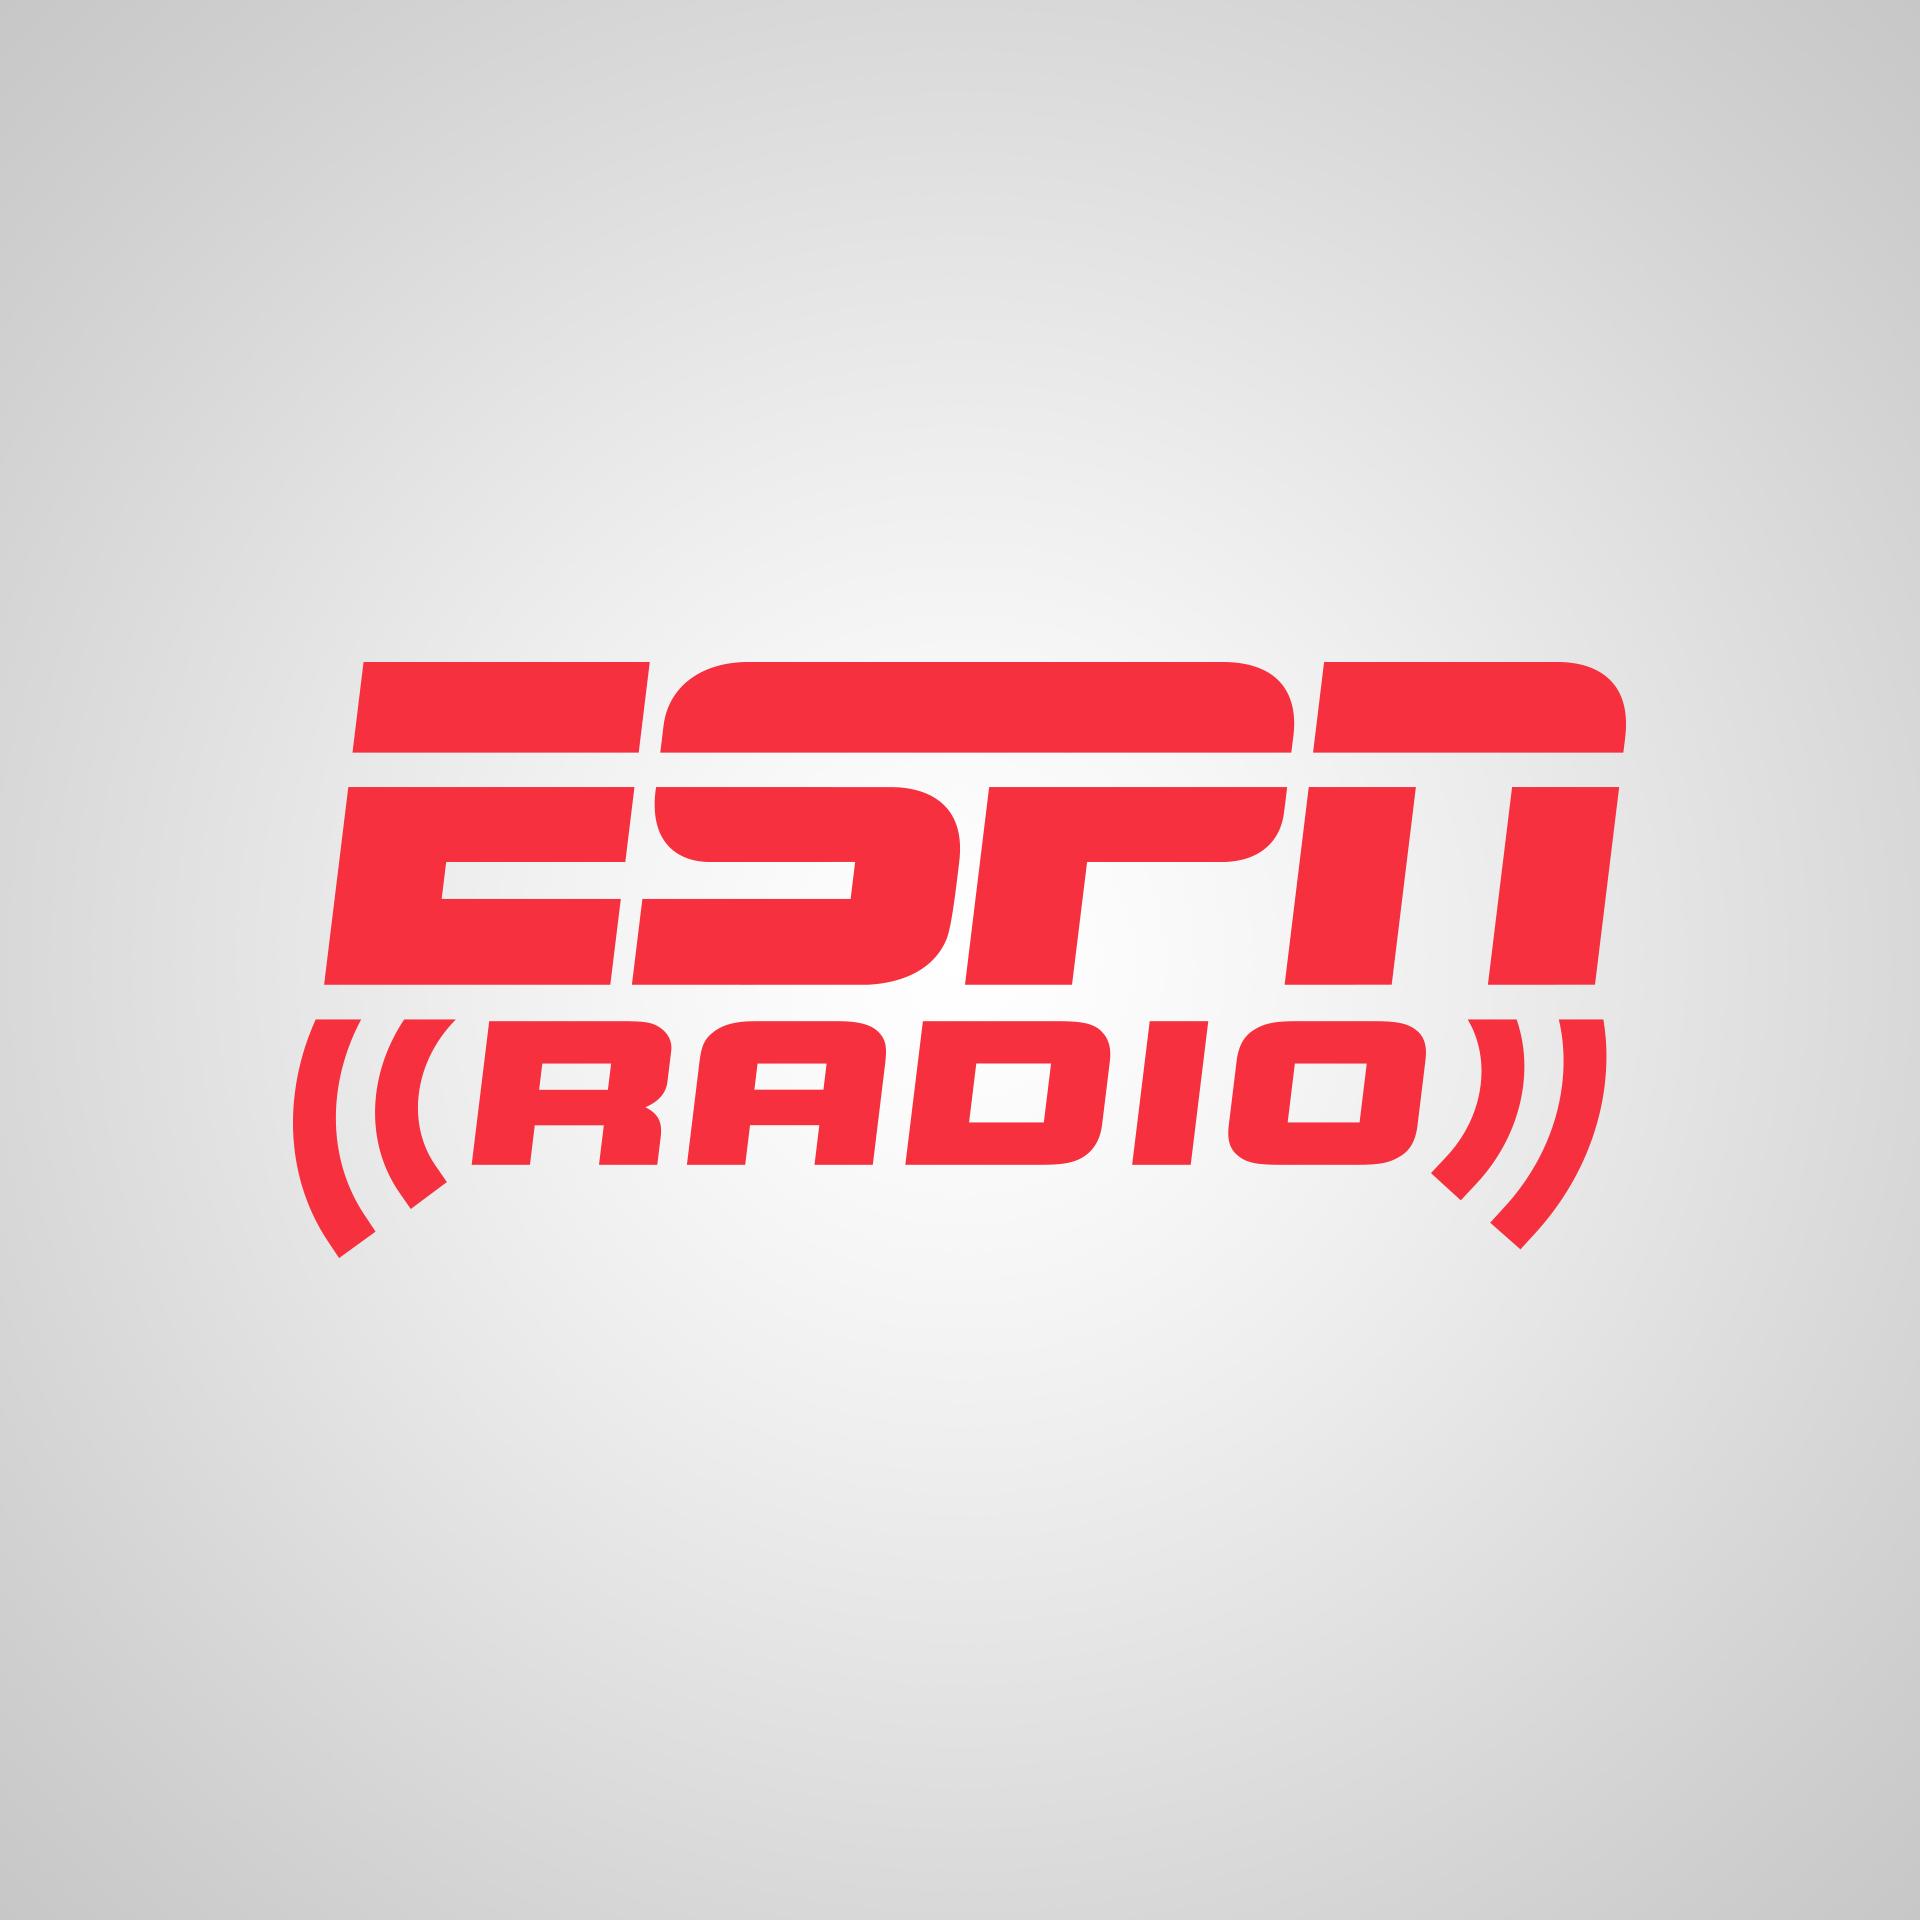 Live Espn Radio Espn